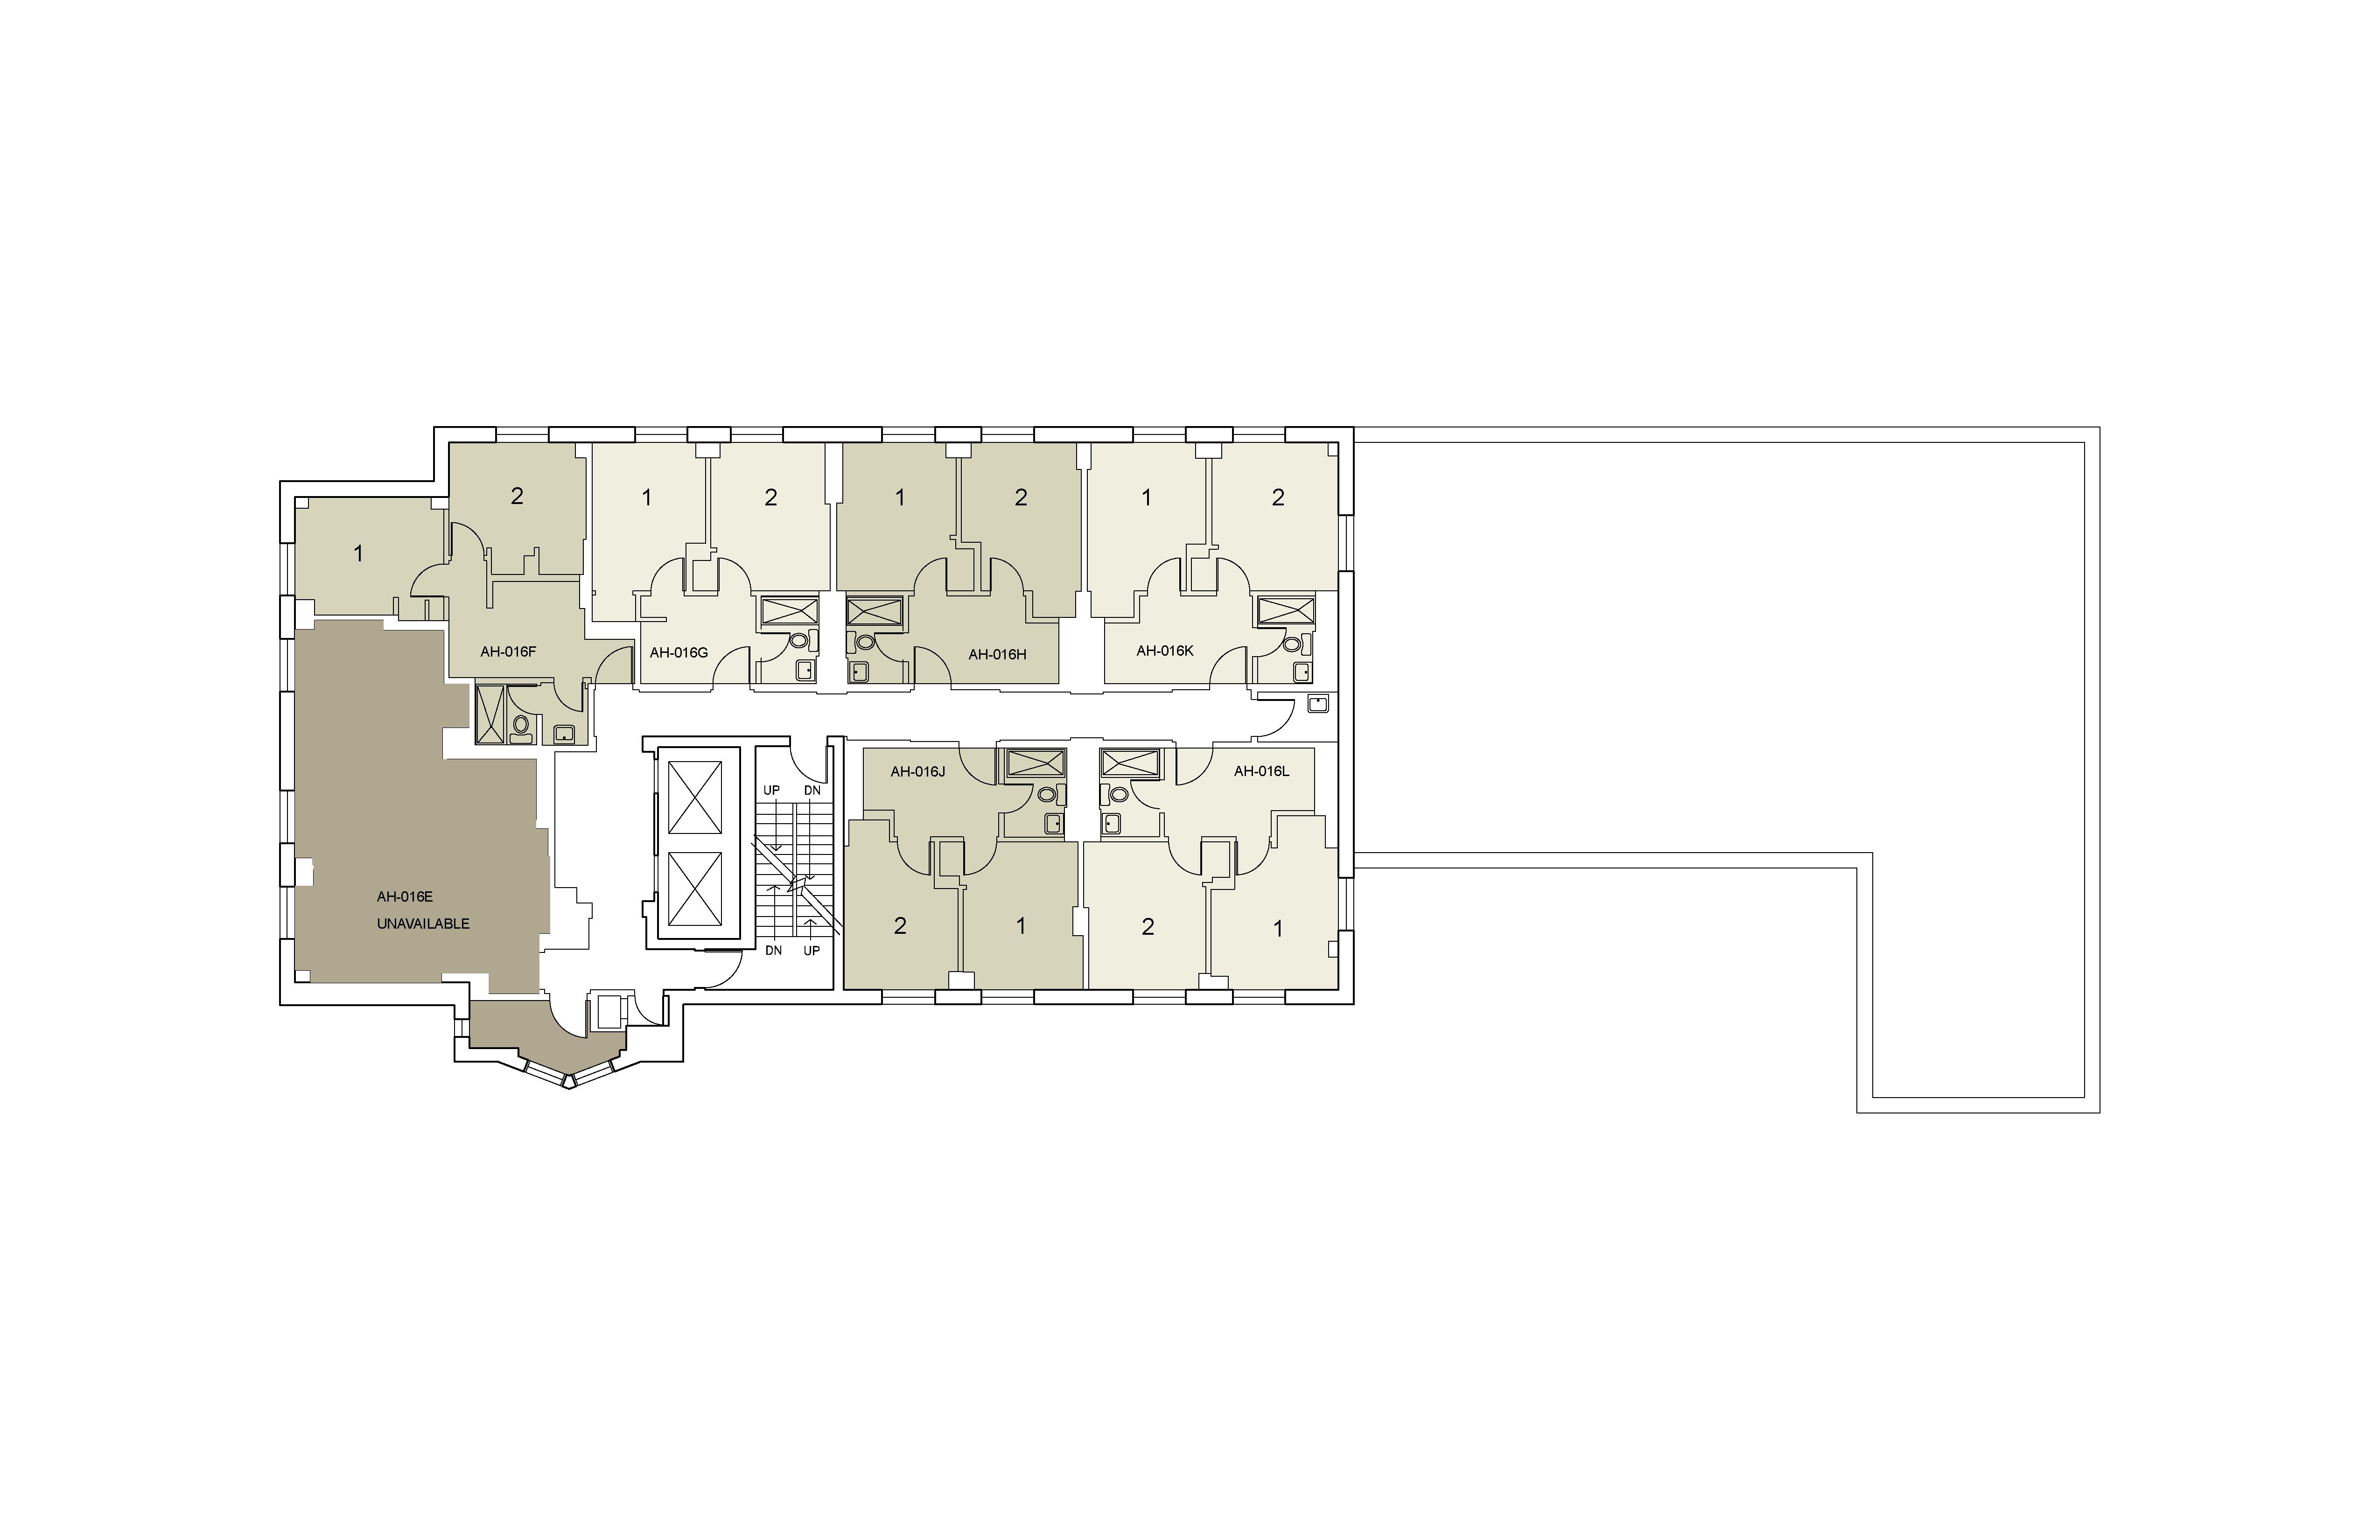 Floor plan for Alumni Floor 16